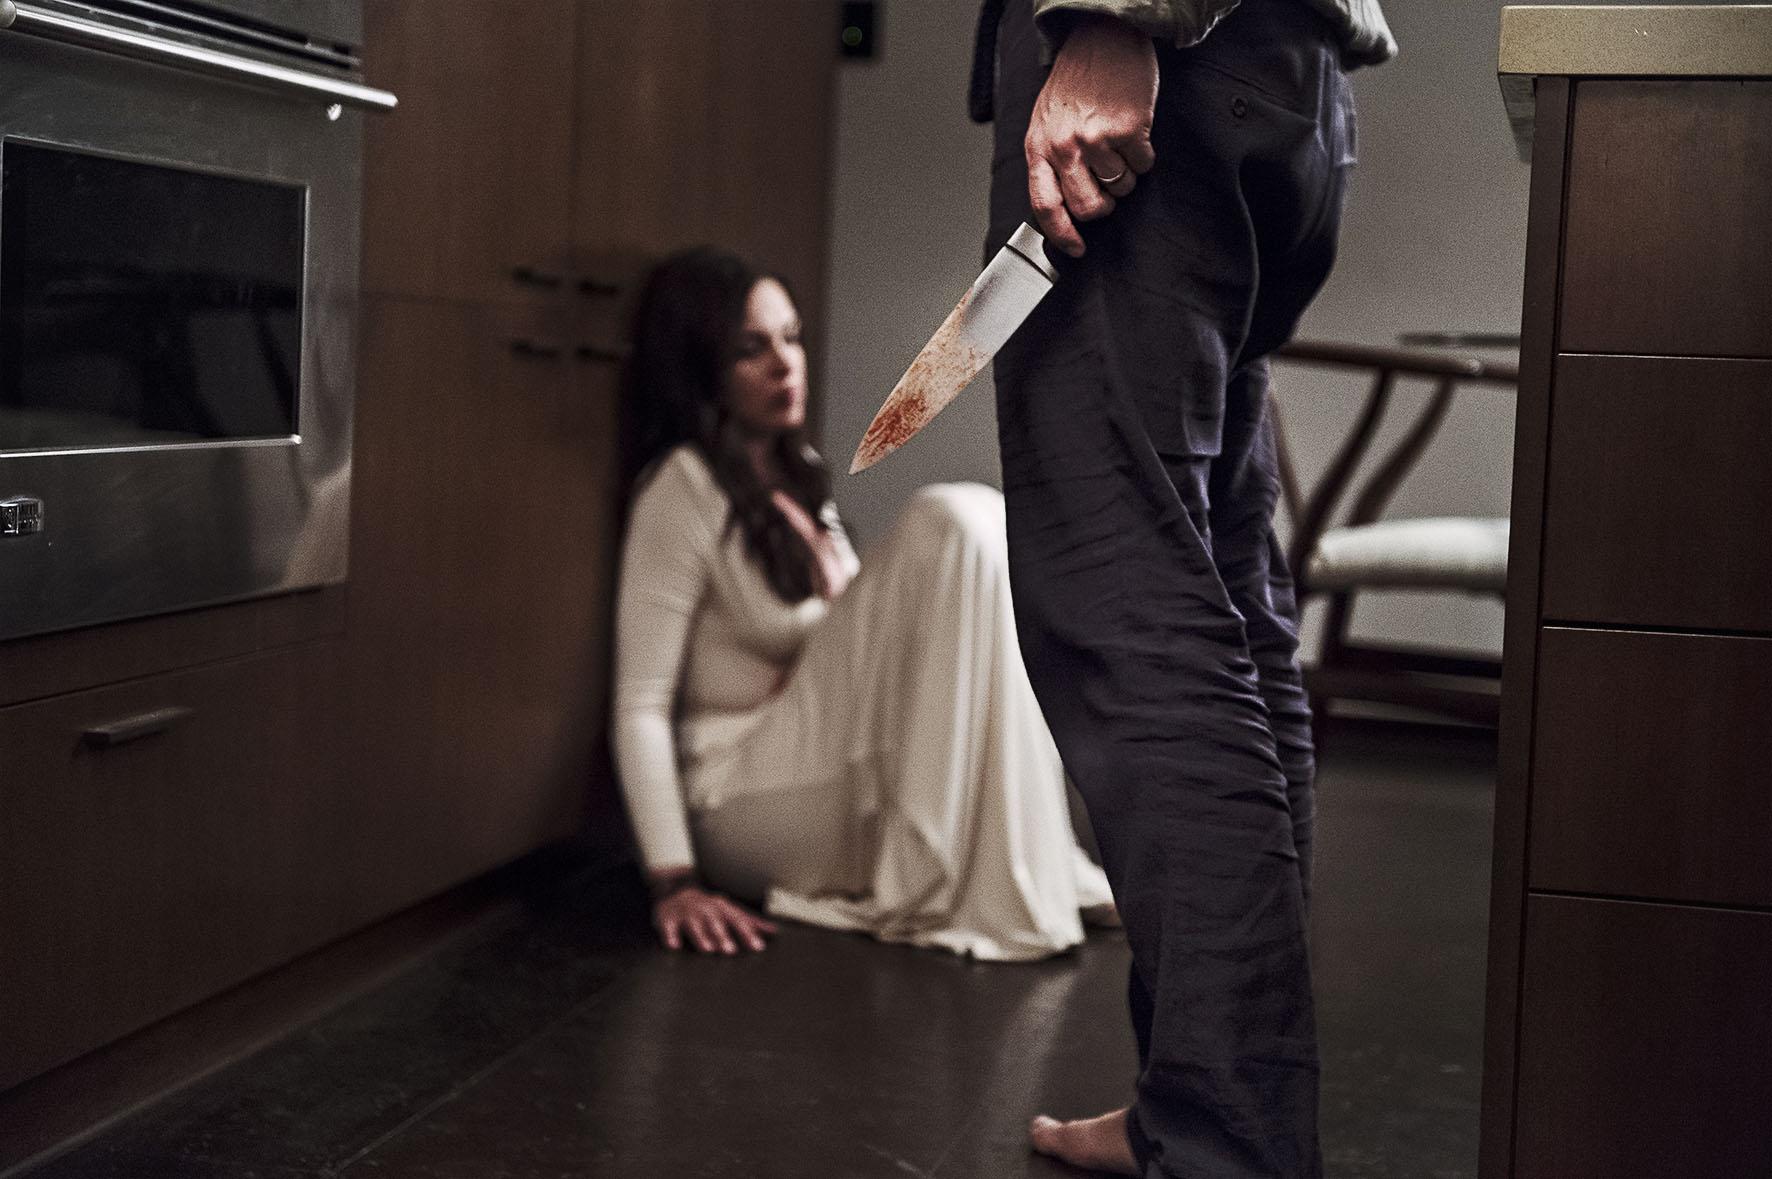 Ist es ein Spoiler zu zeigen, dass ein Messer gezückt wird? (Foto: Pandastorm Pictures)